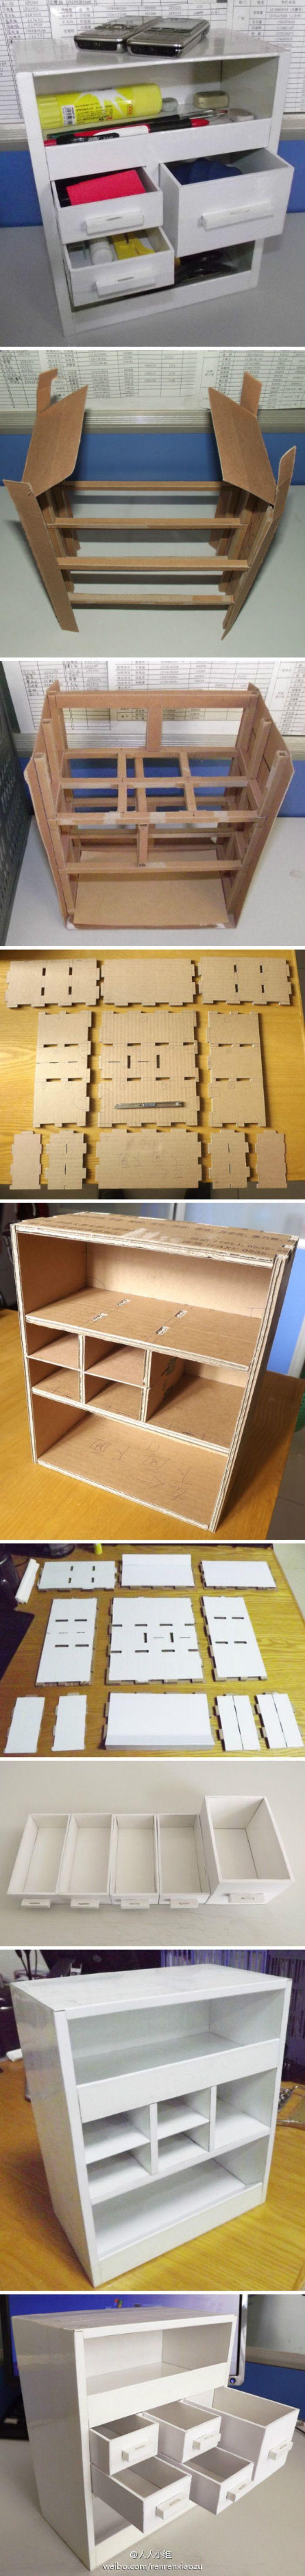 办公室收纳柜 具体操作:http://xiaozu.renren.com/xiaozu/100019/335890953